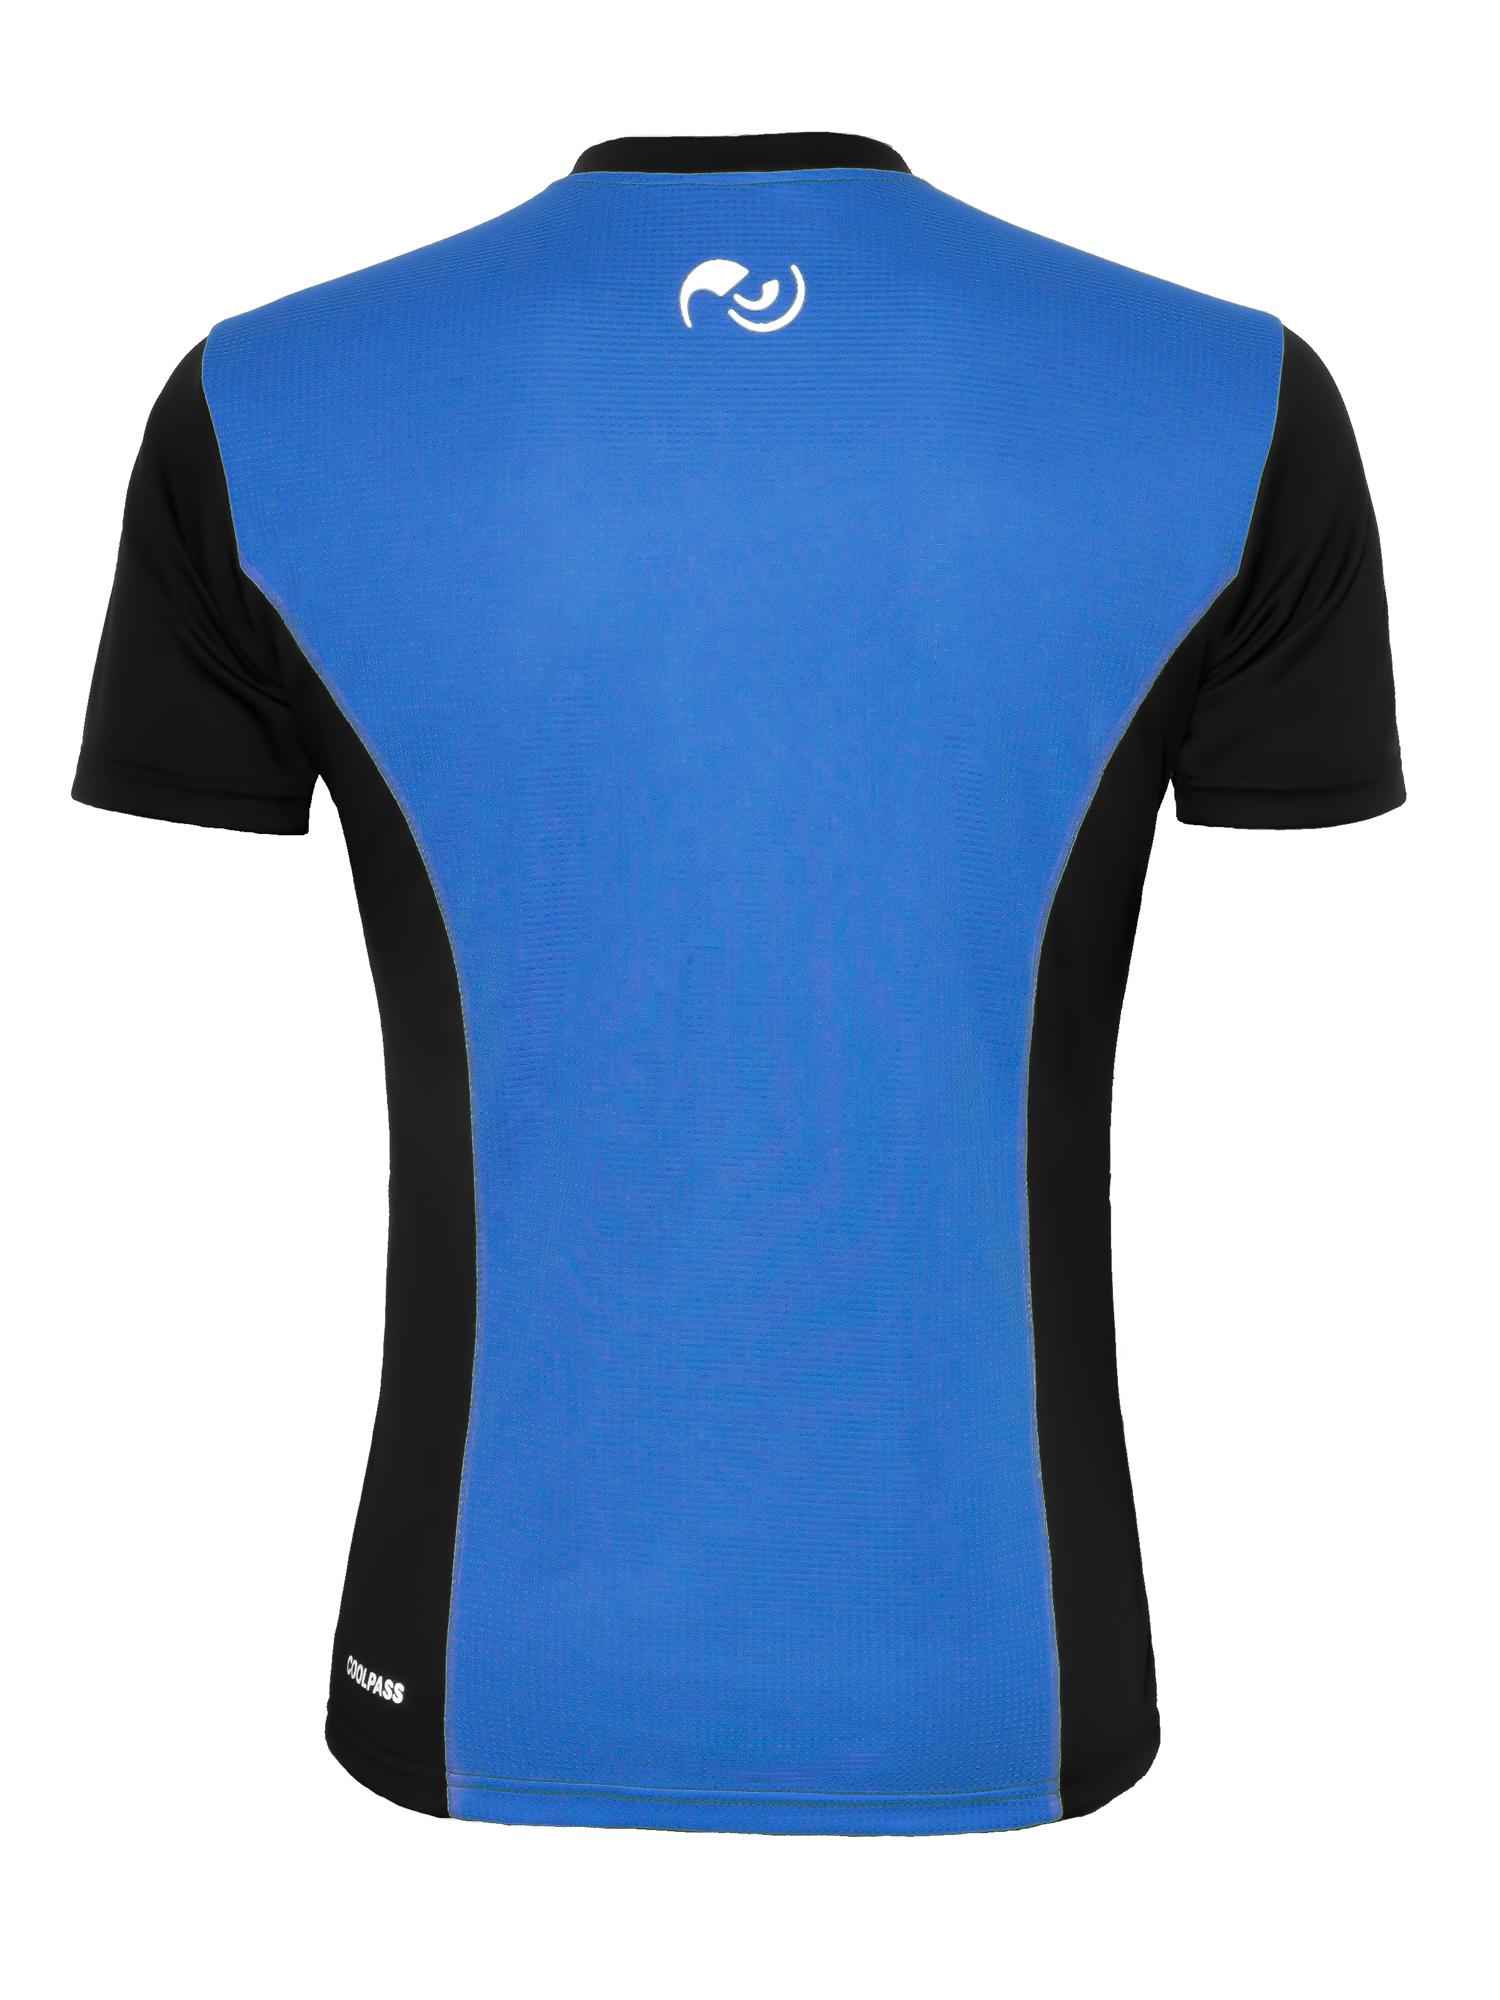 Мужская футболка для бега NordSki Premium (нордски) синяя фото